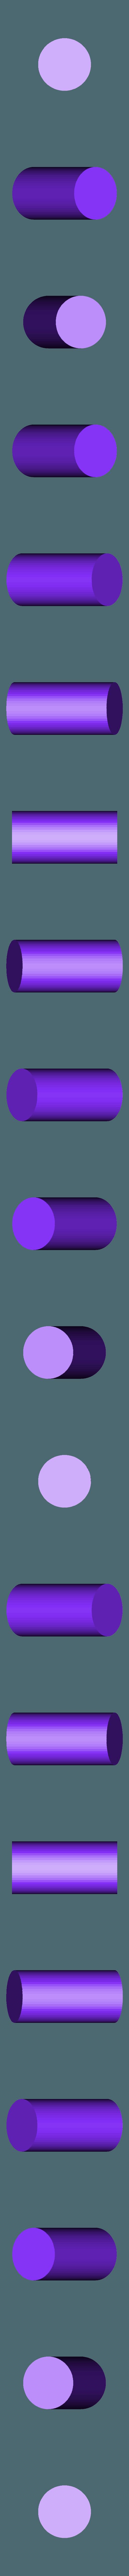 MultiColorCake2018_p4.stl Télécharger fichier STL gratuit Gâteau simpliste (multi-couleur) • Objet pour imprimante 3D, MakerMathieu